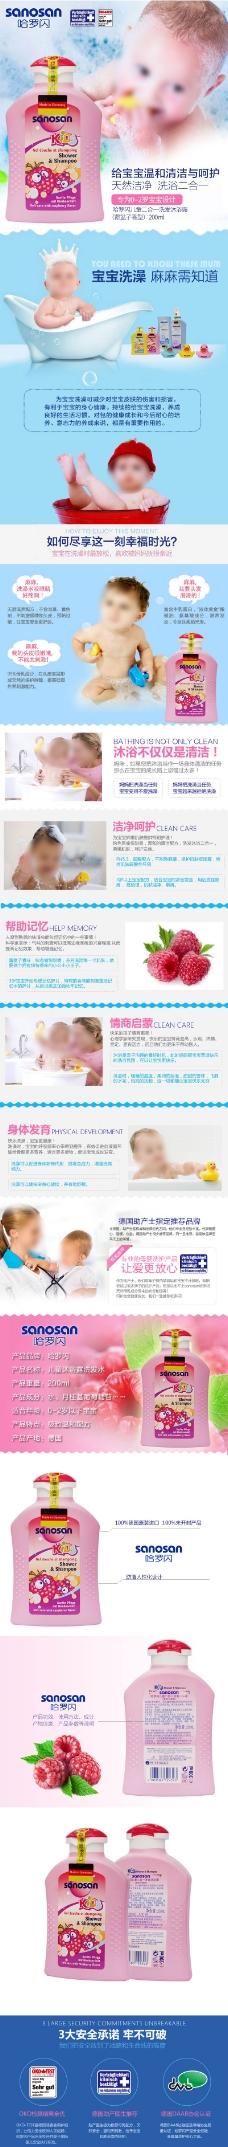 哈罗闪草莓儿童沐浴露洗发水